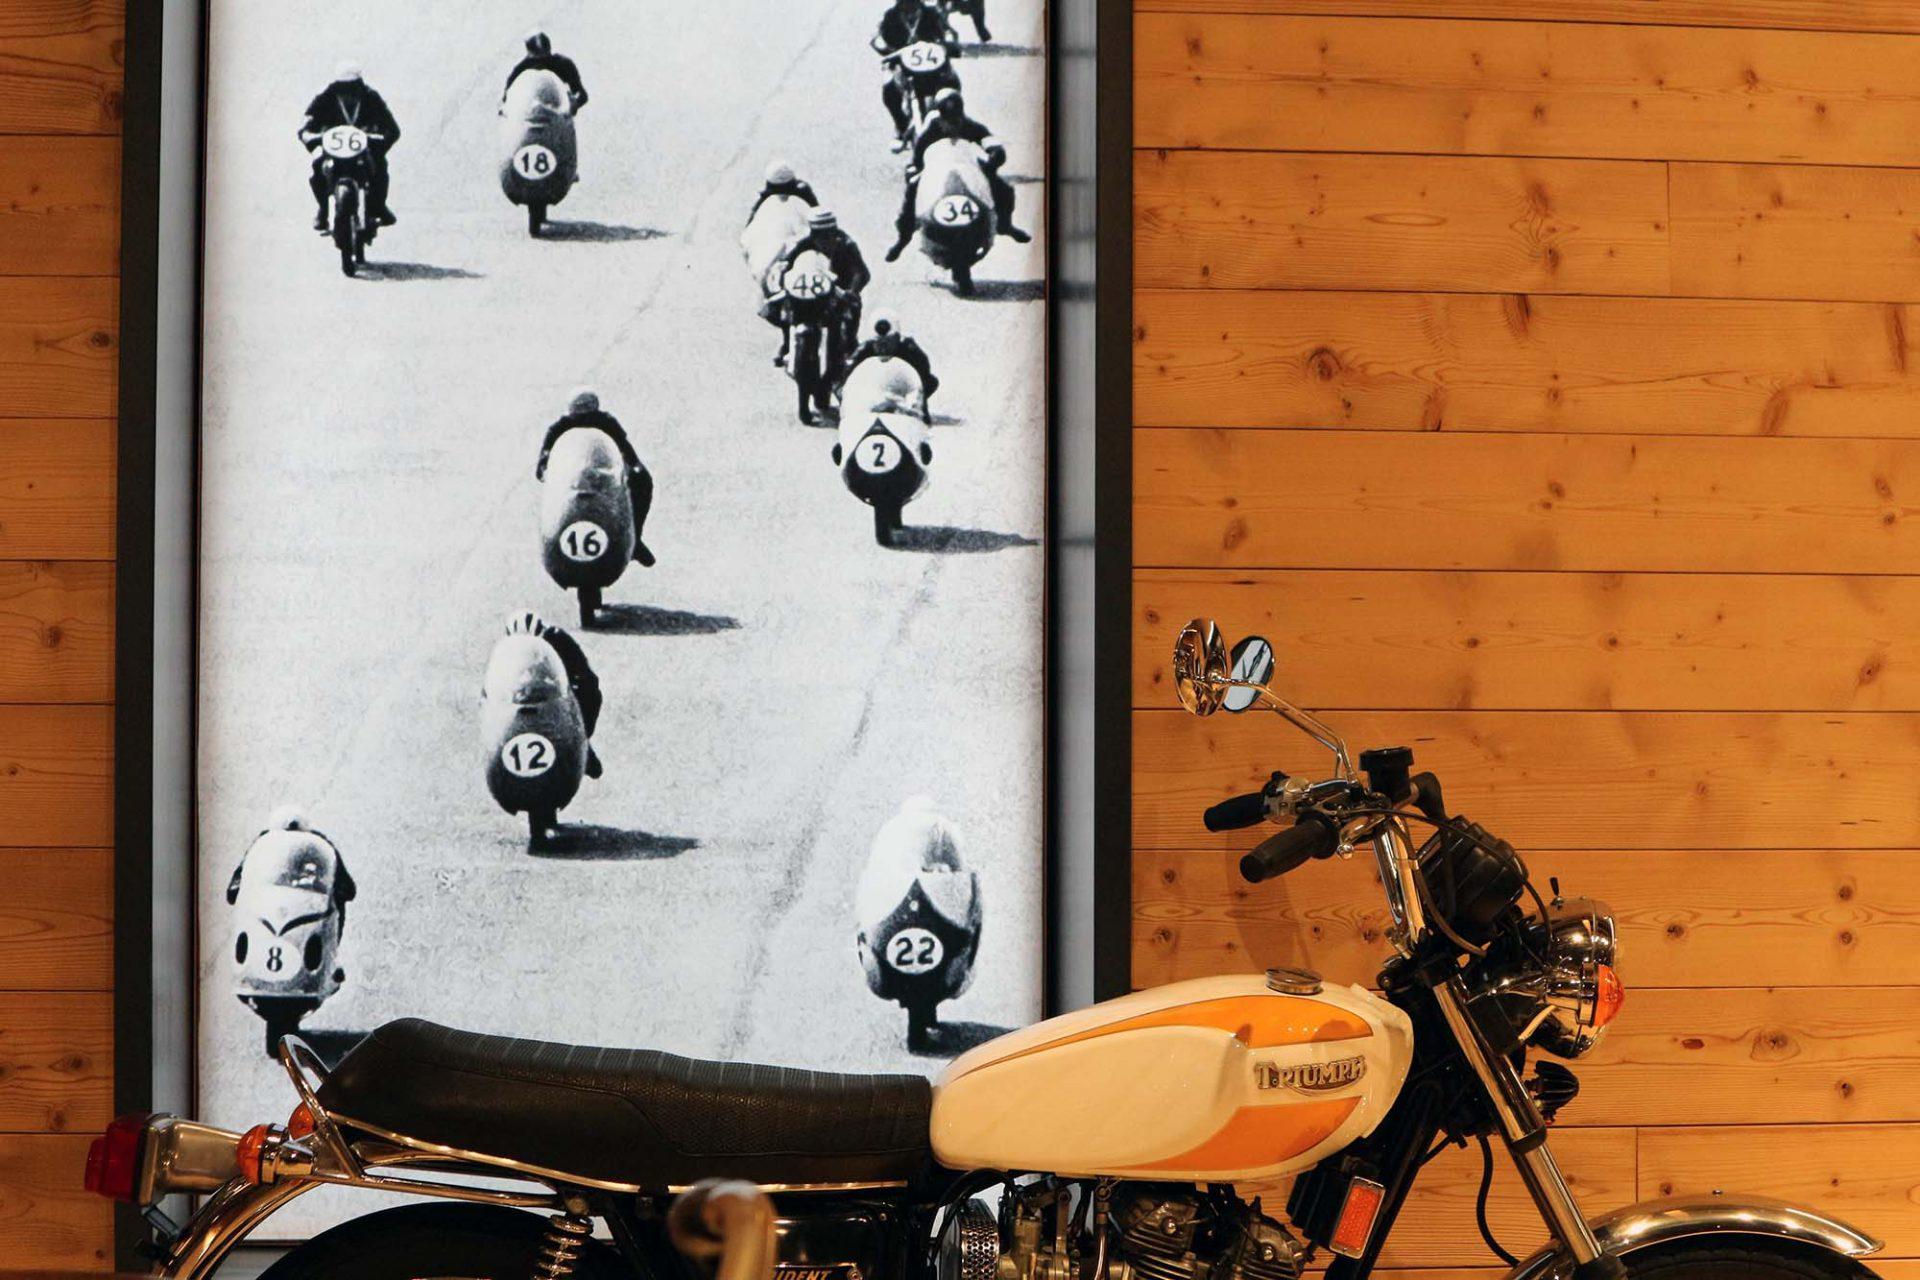 Top Mountain Motorcycle Museum. Filme und historische Fotoaufnahmen informieren über die Hintergründe.